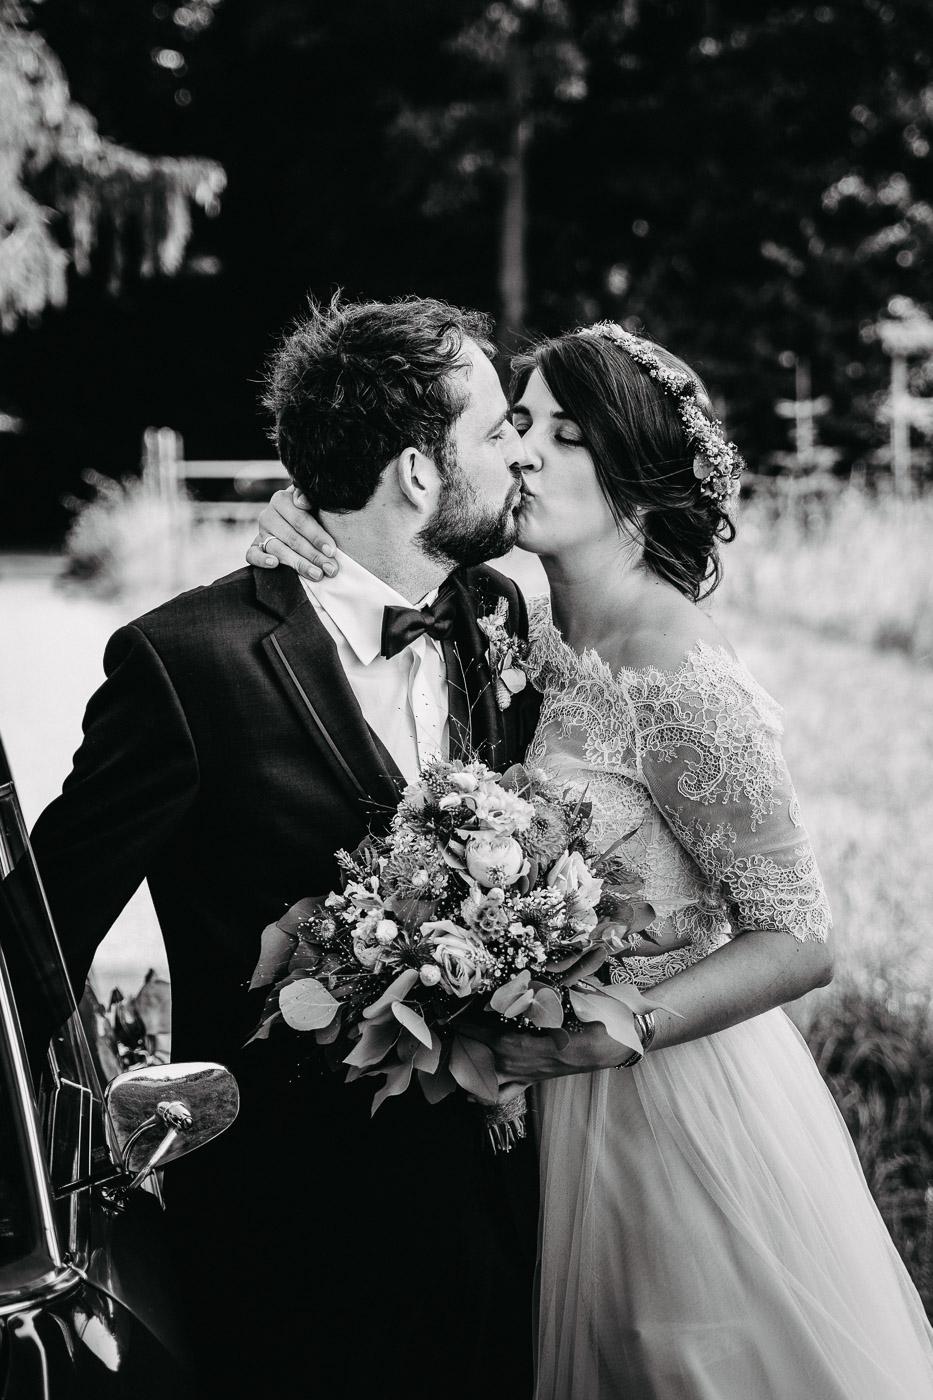 ZIBART.DE - wedding - lowq - 2018.08.04 - 2561.JPG